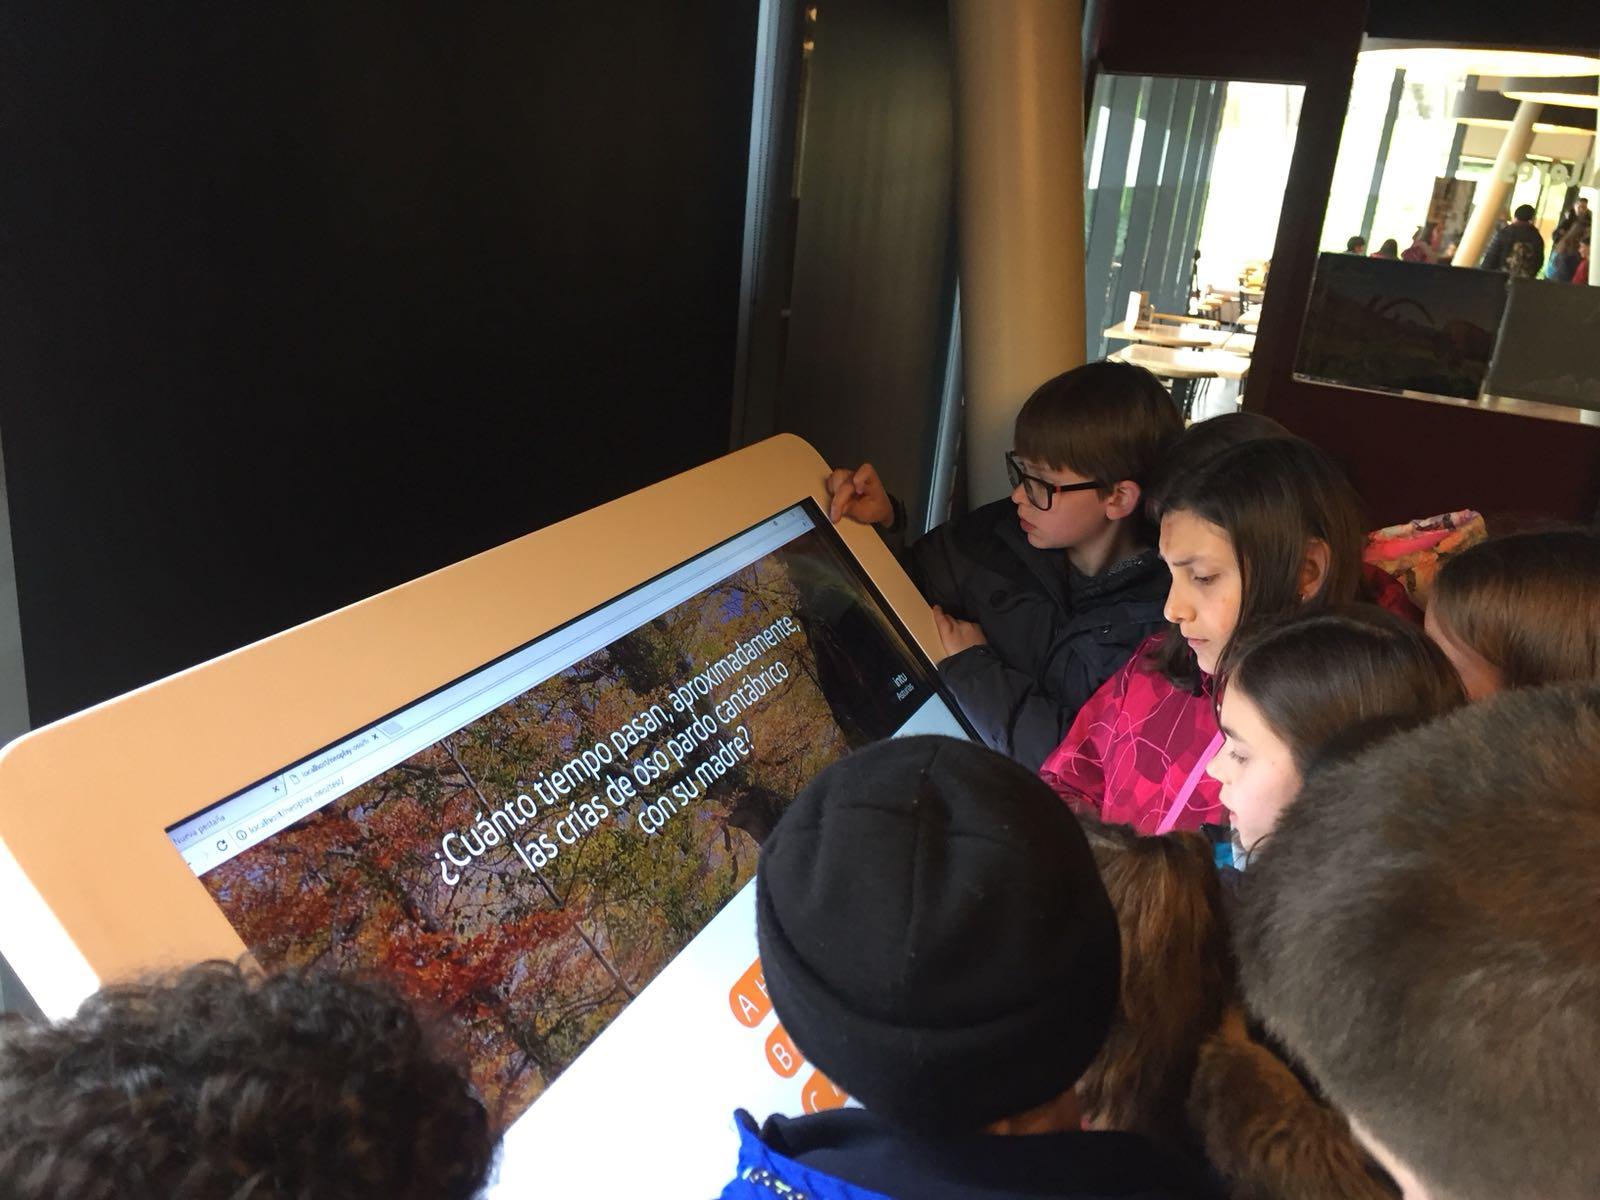 La exposición 'Osos' estará en el Parque de la Prehistoria de Teverga hasta julio